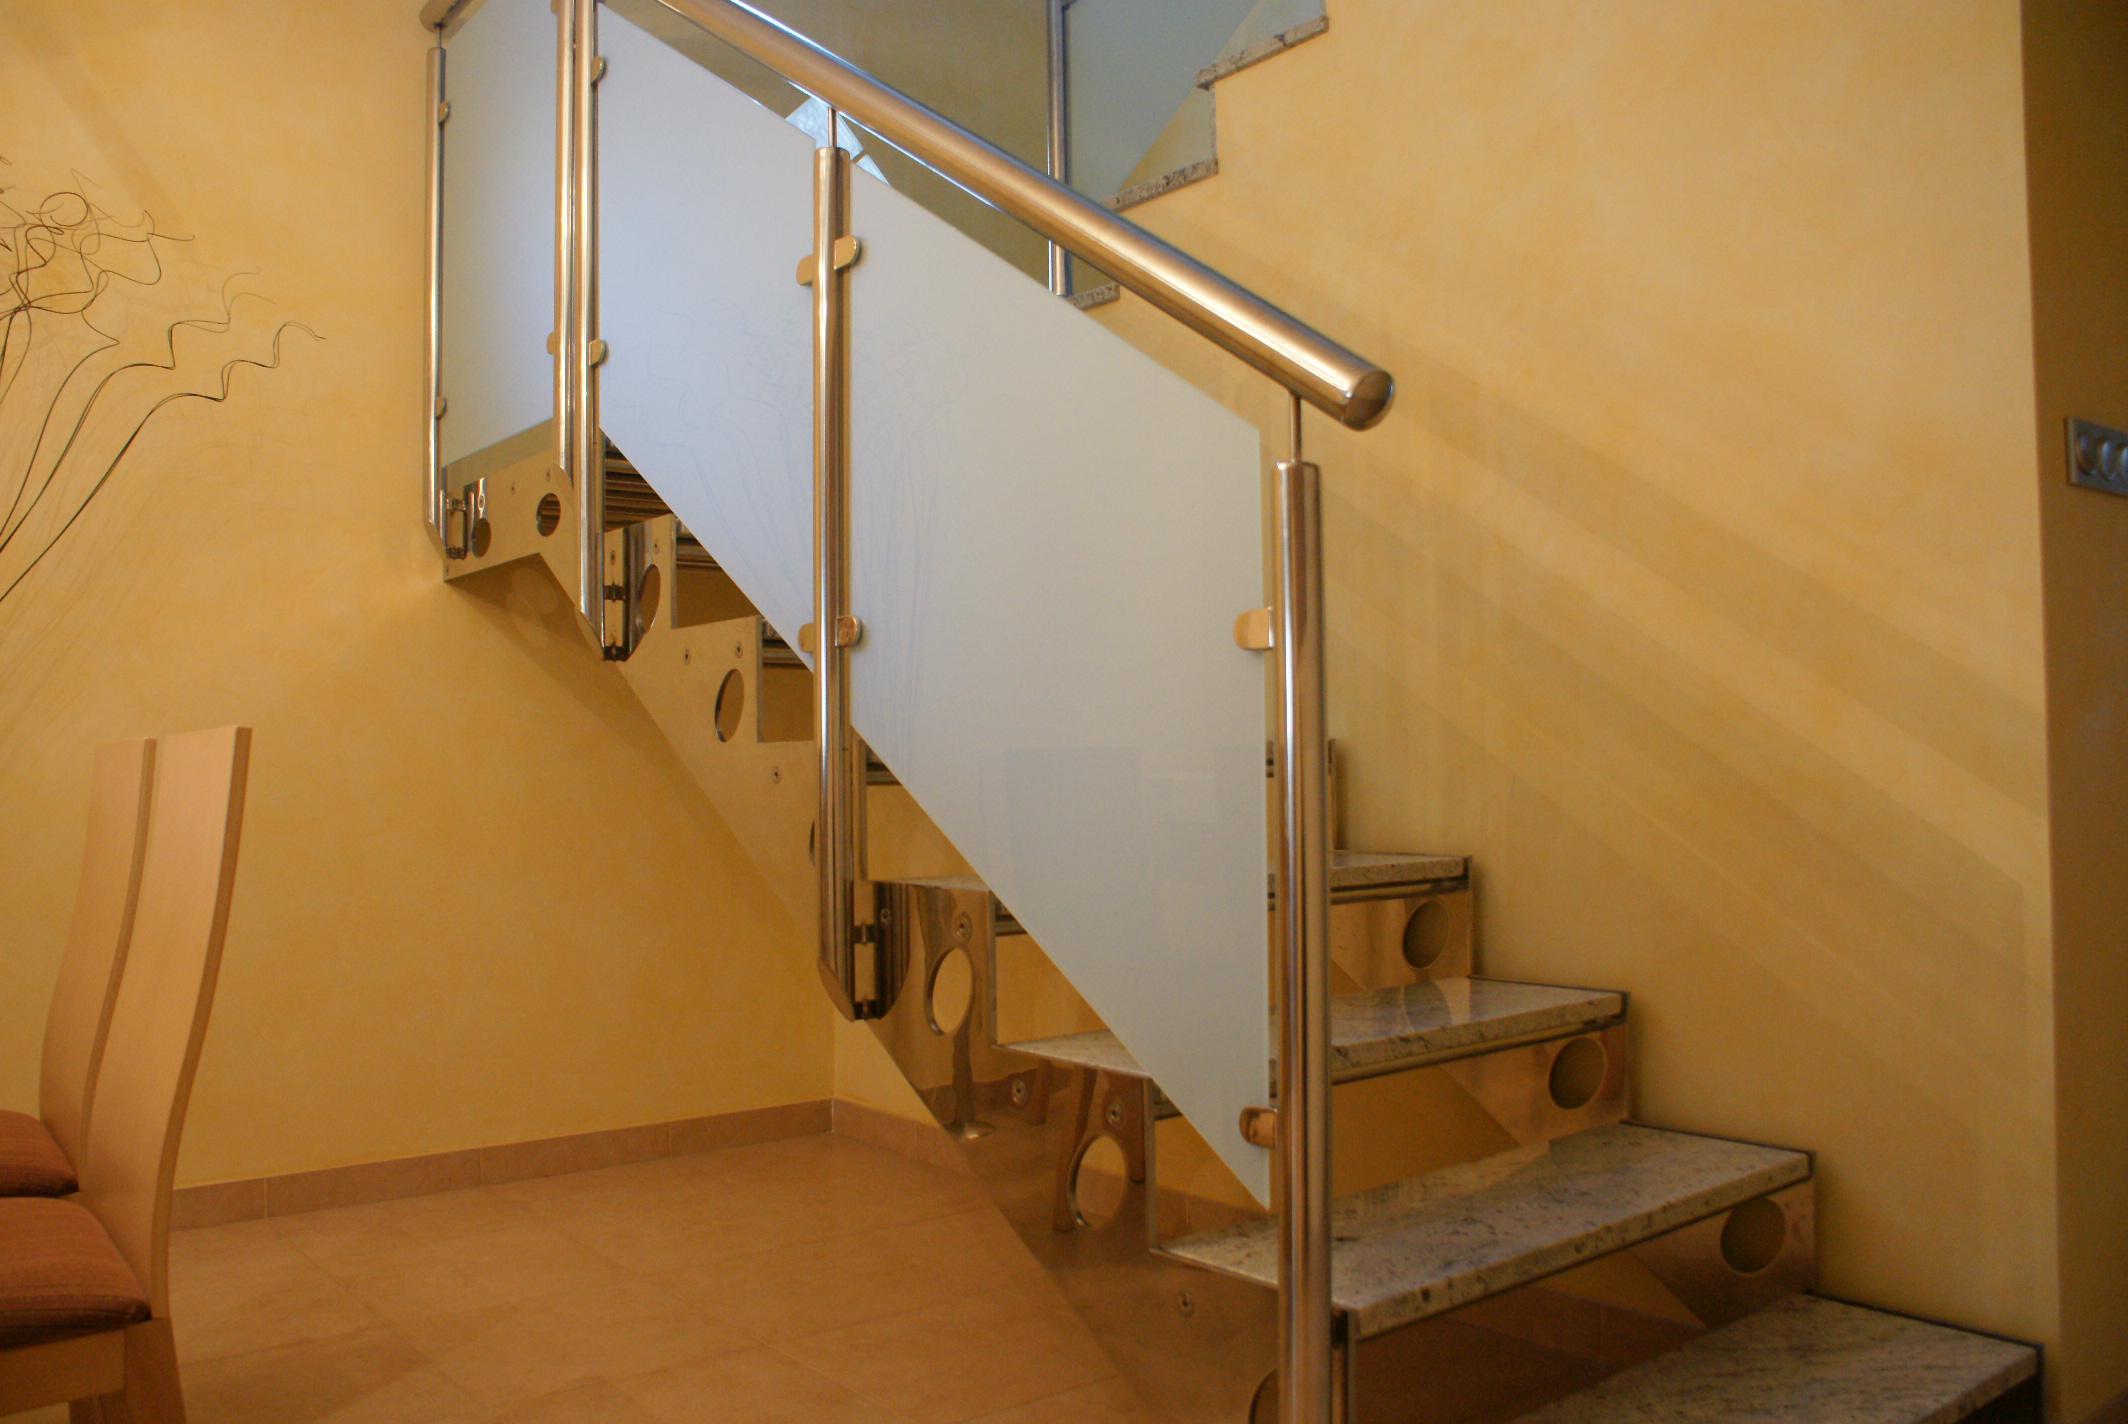 Isntalaciones de escaleras y barandas de acero inox en - Puertas para escaleras ...